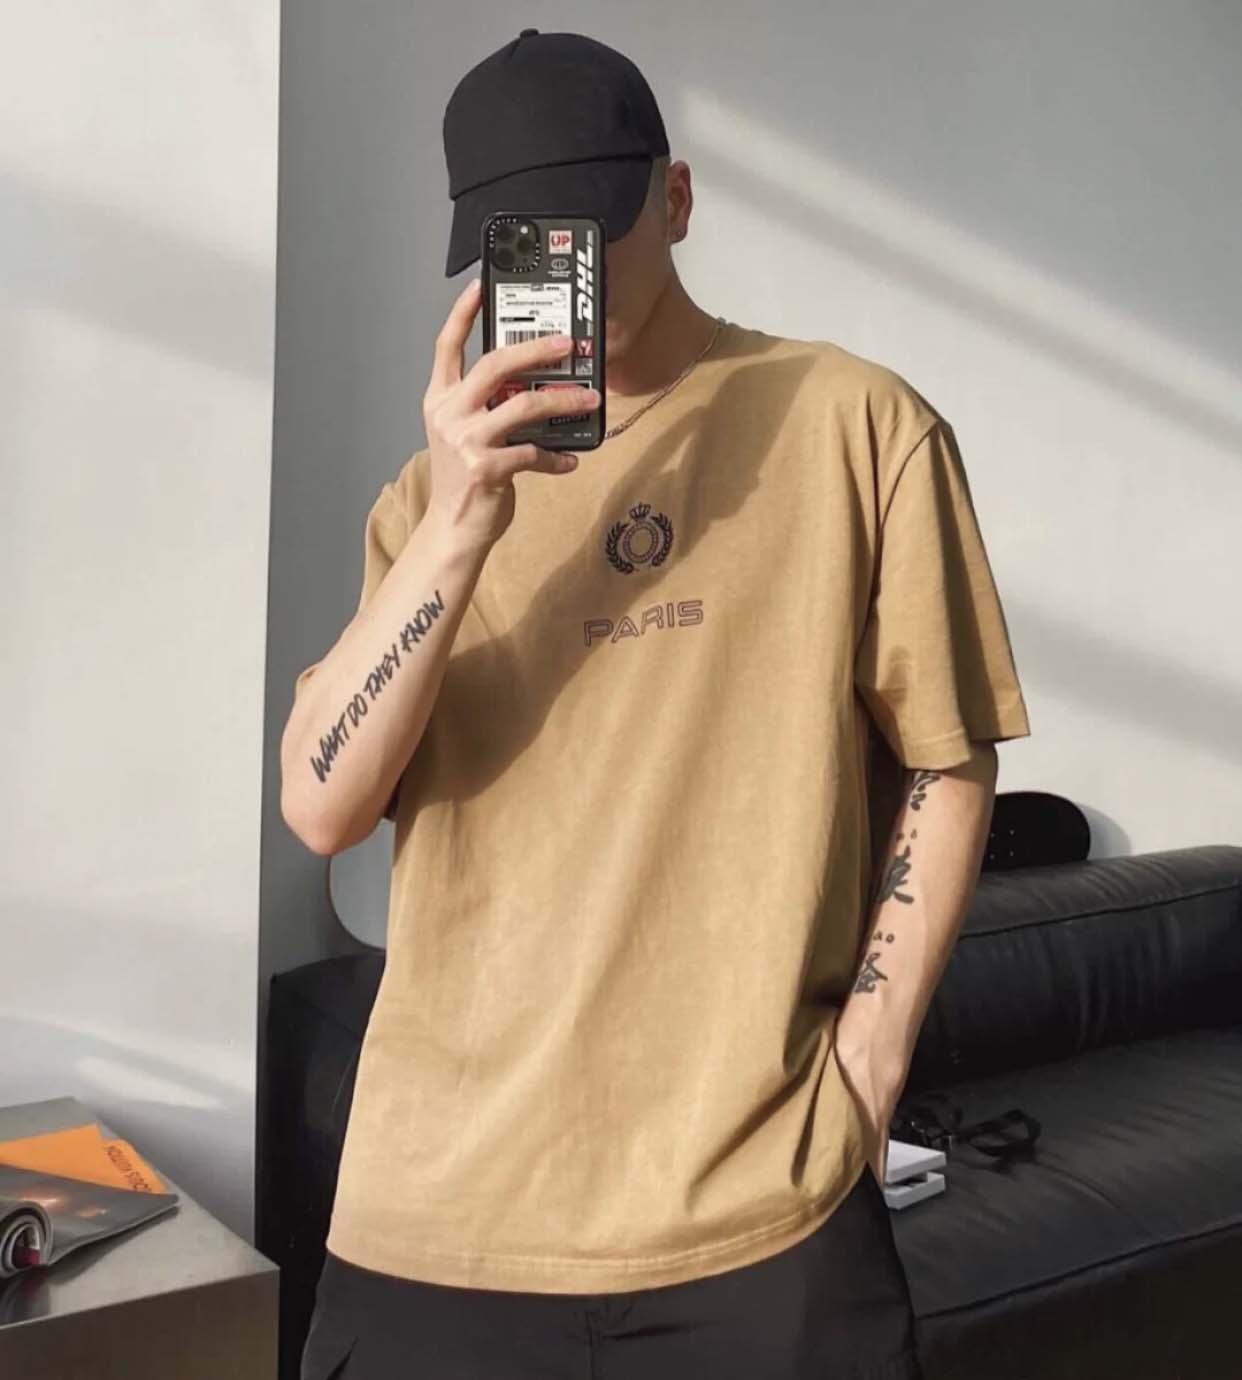 21s homens impresso camiseta t tee trigo cabeça letras de impressão homens roupas manga curta mens camisas tag letras polo novo marrom